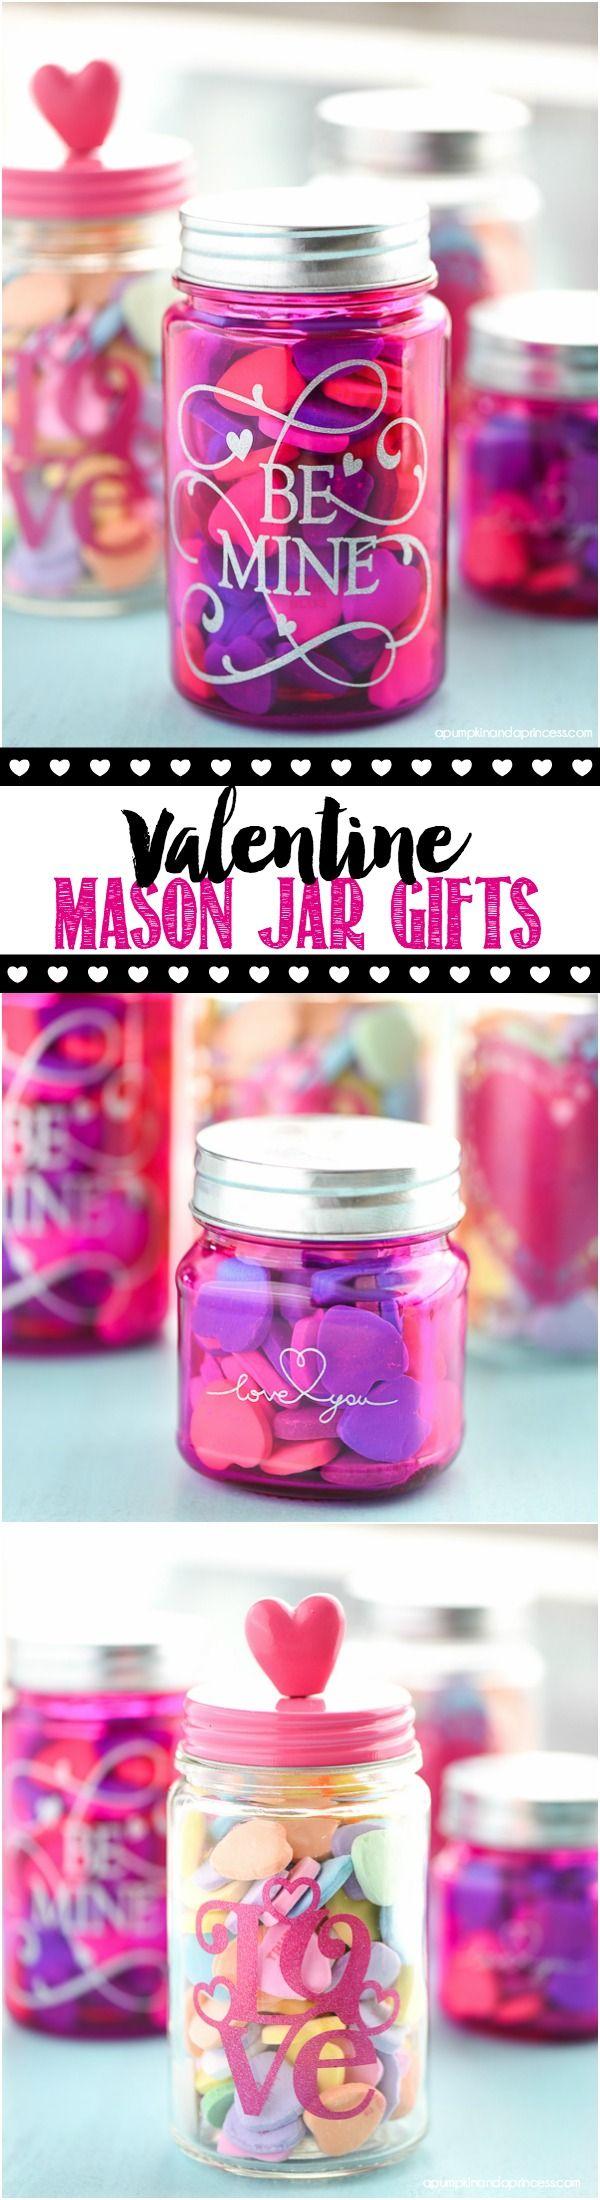 60 best Valentine Vinyl images on Pinterest | Valentines day ...